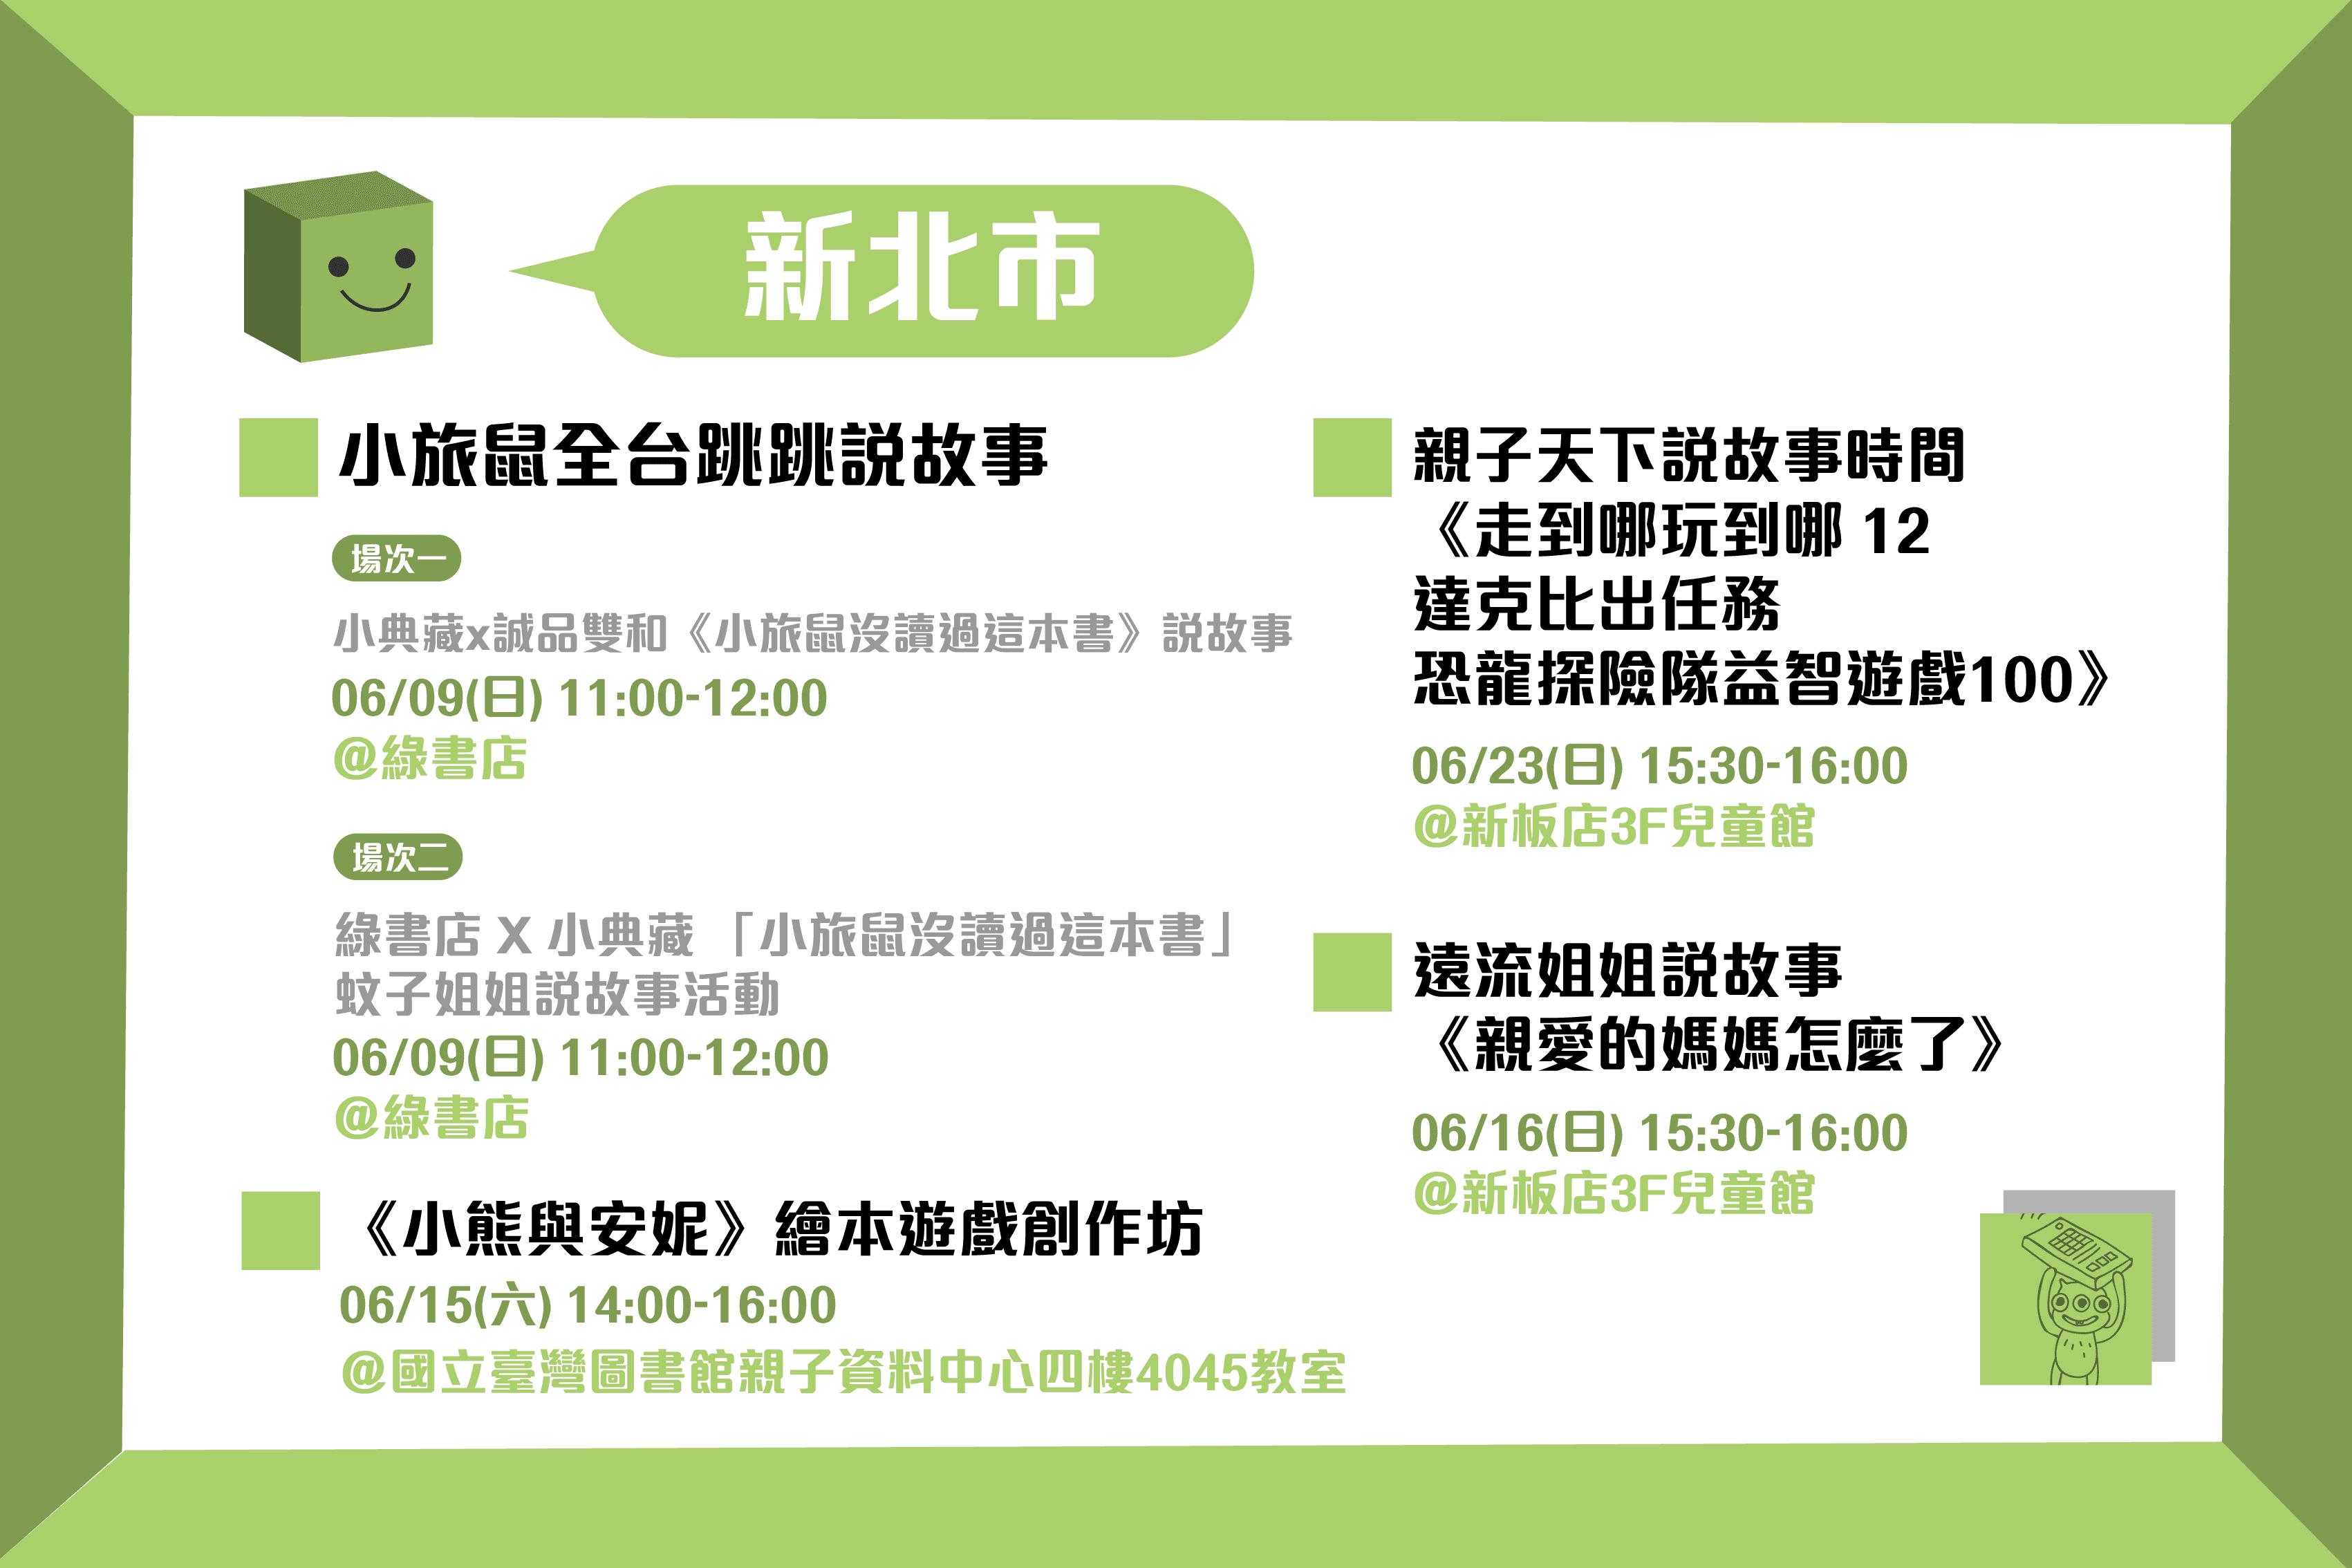 2019年6月說故事活動懶人包-新北市